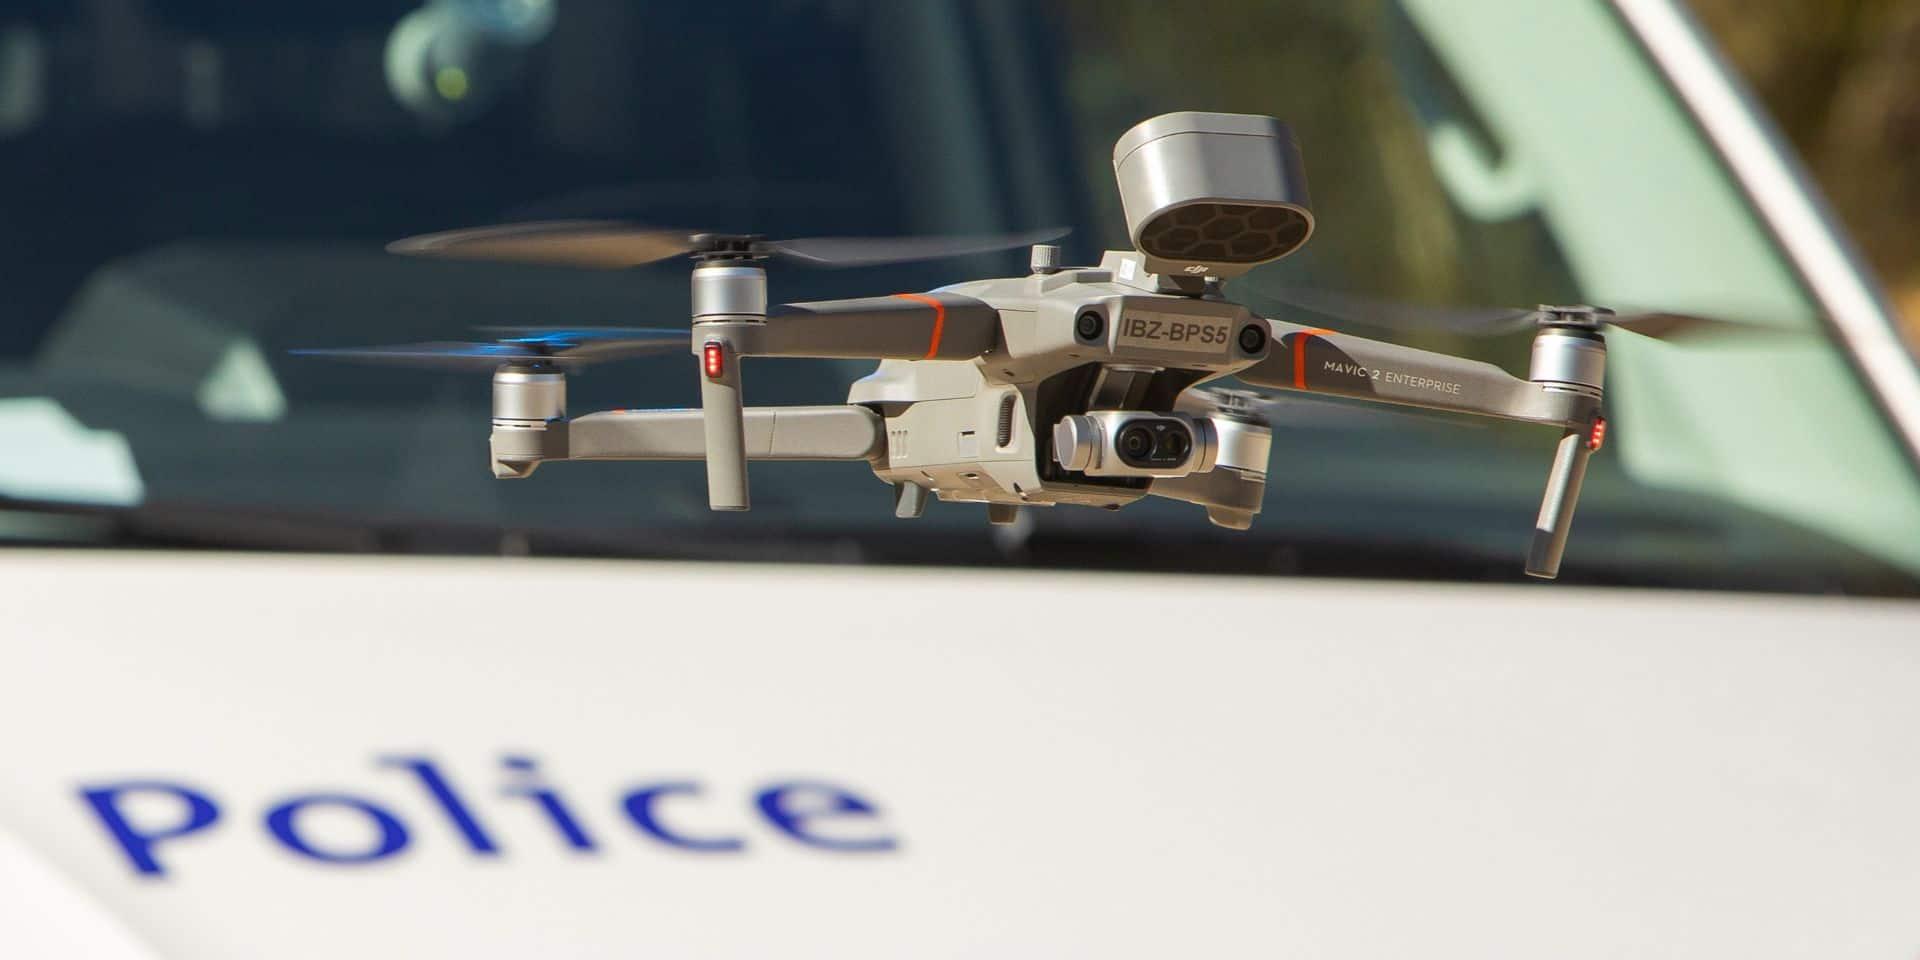 """Un premier rapport d'inspection flingue les drones policiers: """"Les manquements sont importants, notamment sur l'usage des données personnelles"""""""